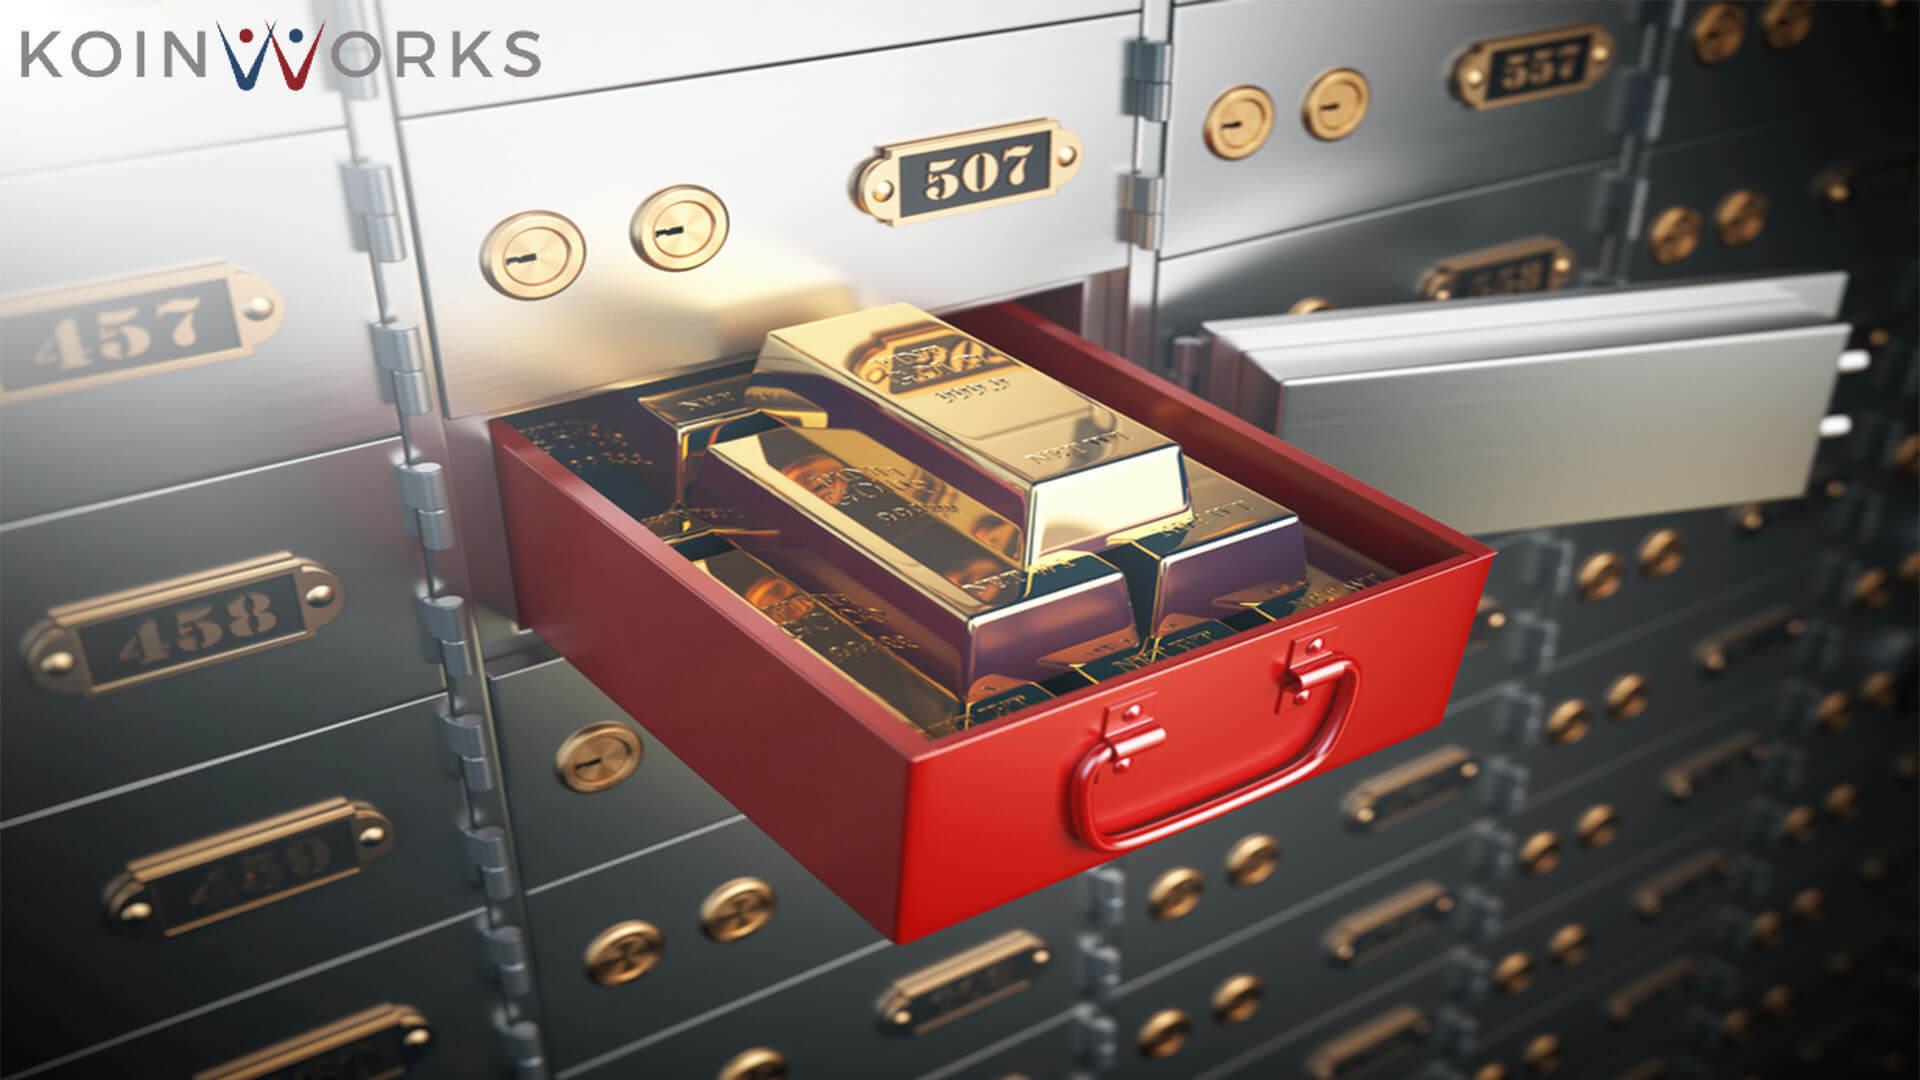 simpan-emas-aman-bank-safe-deposit-box-brankas-4 Cara Tepat Menyimpan Emas yang Mudah dan Aman